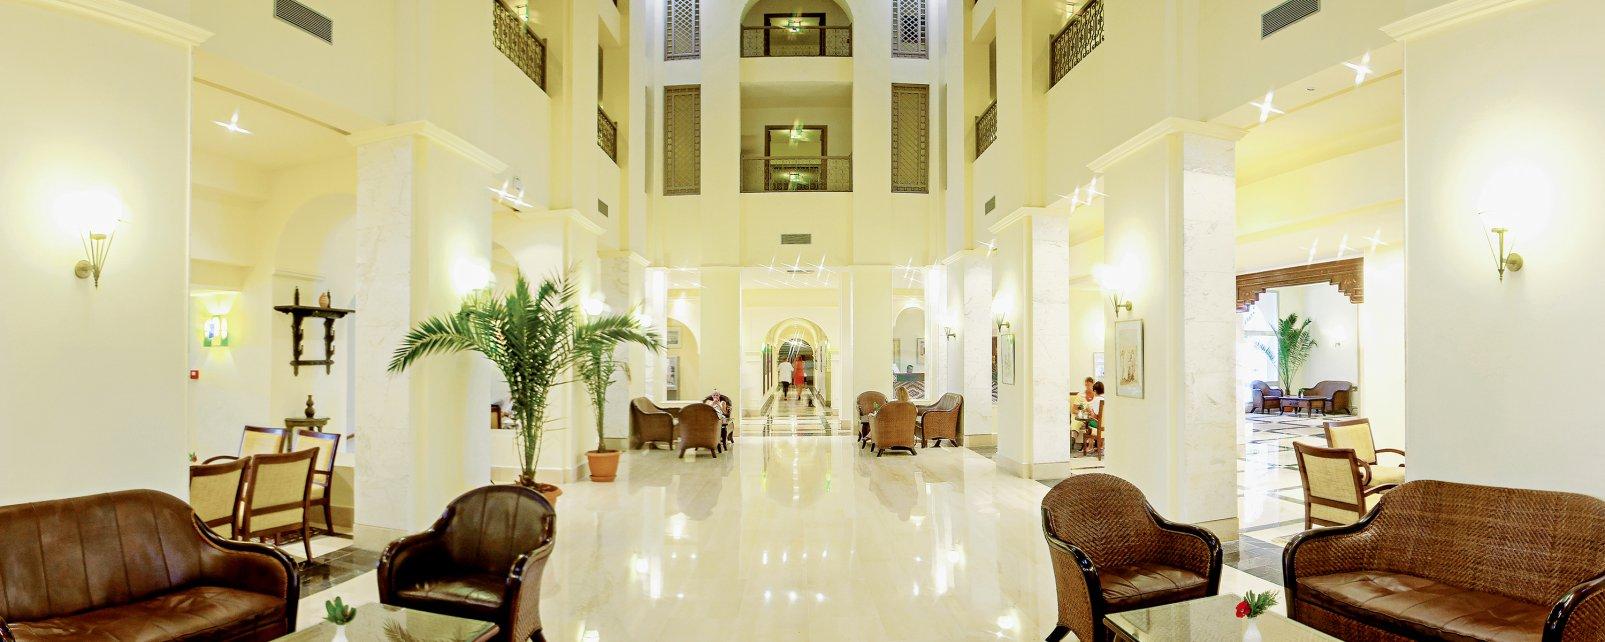 Hôtel Club Calimera Yati Beach